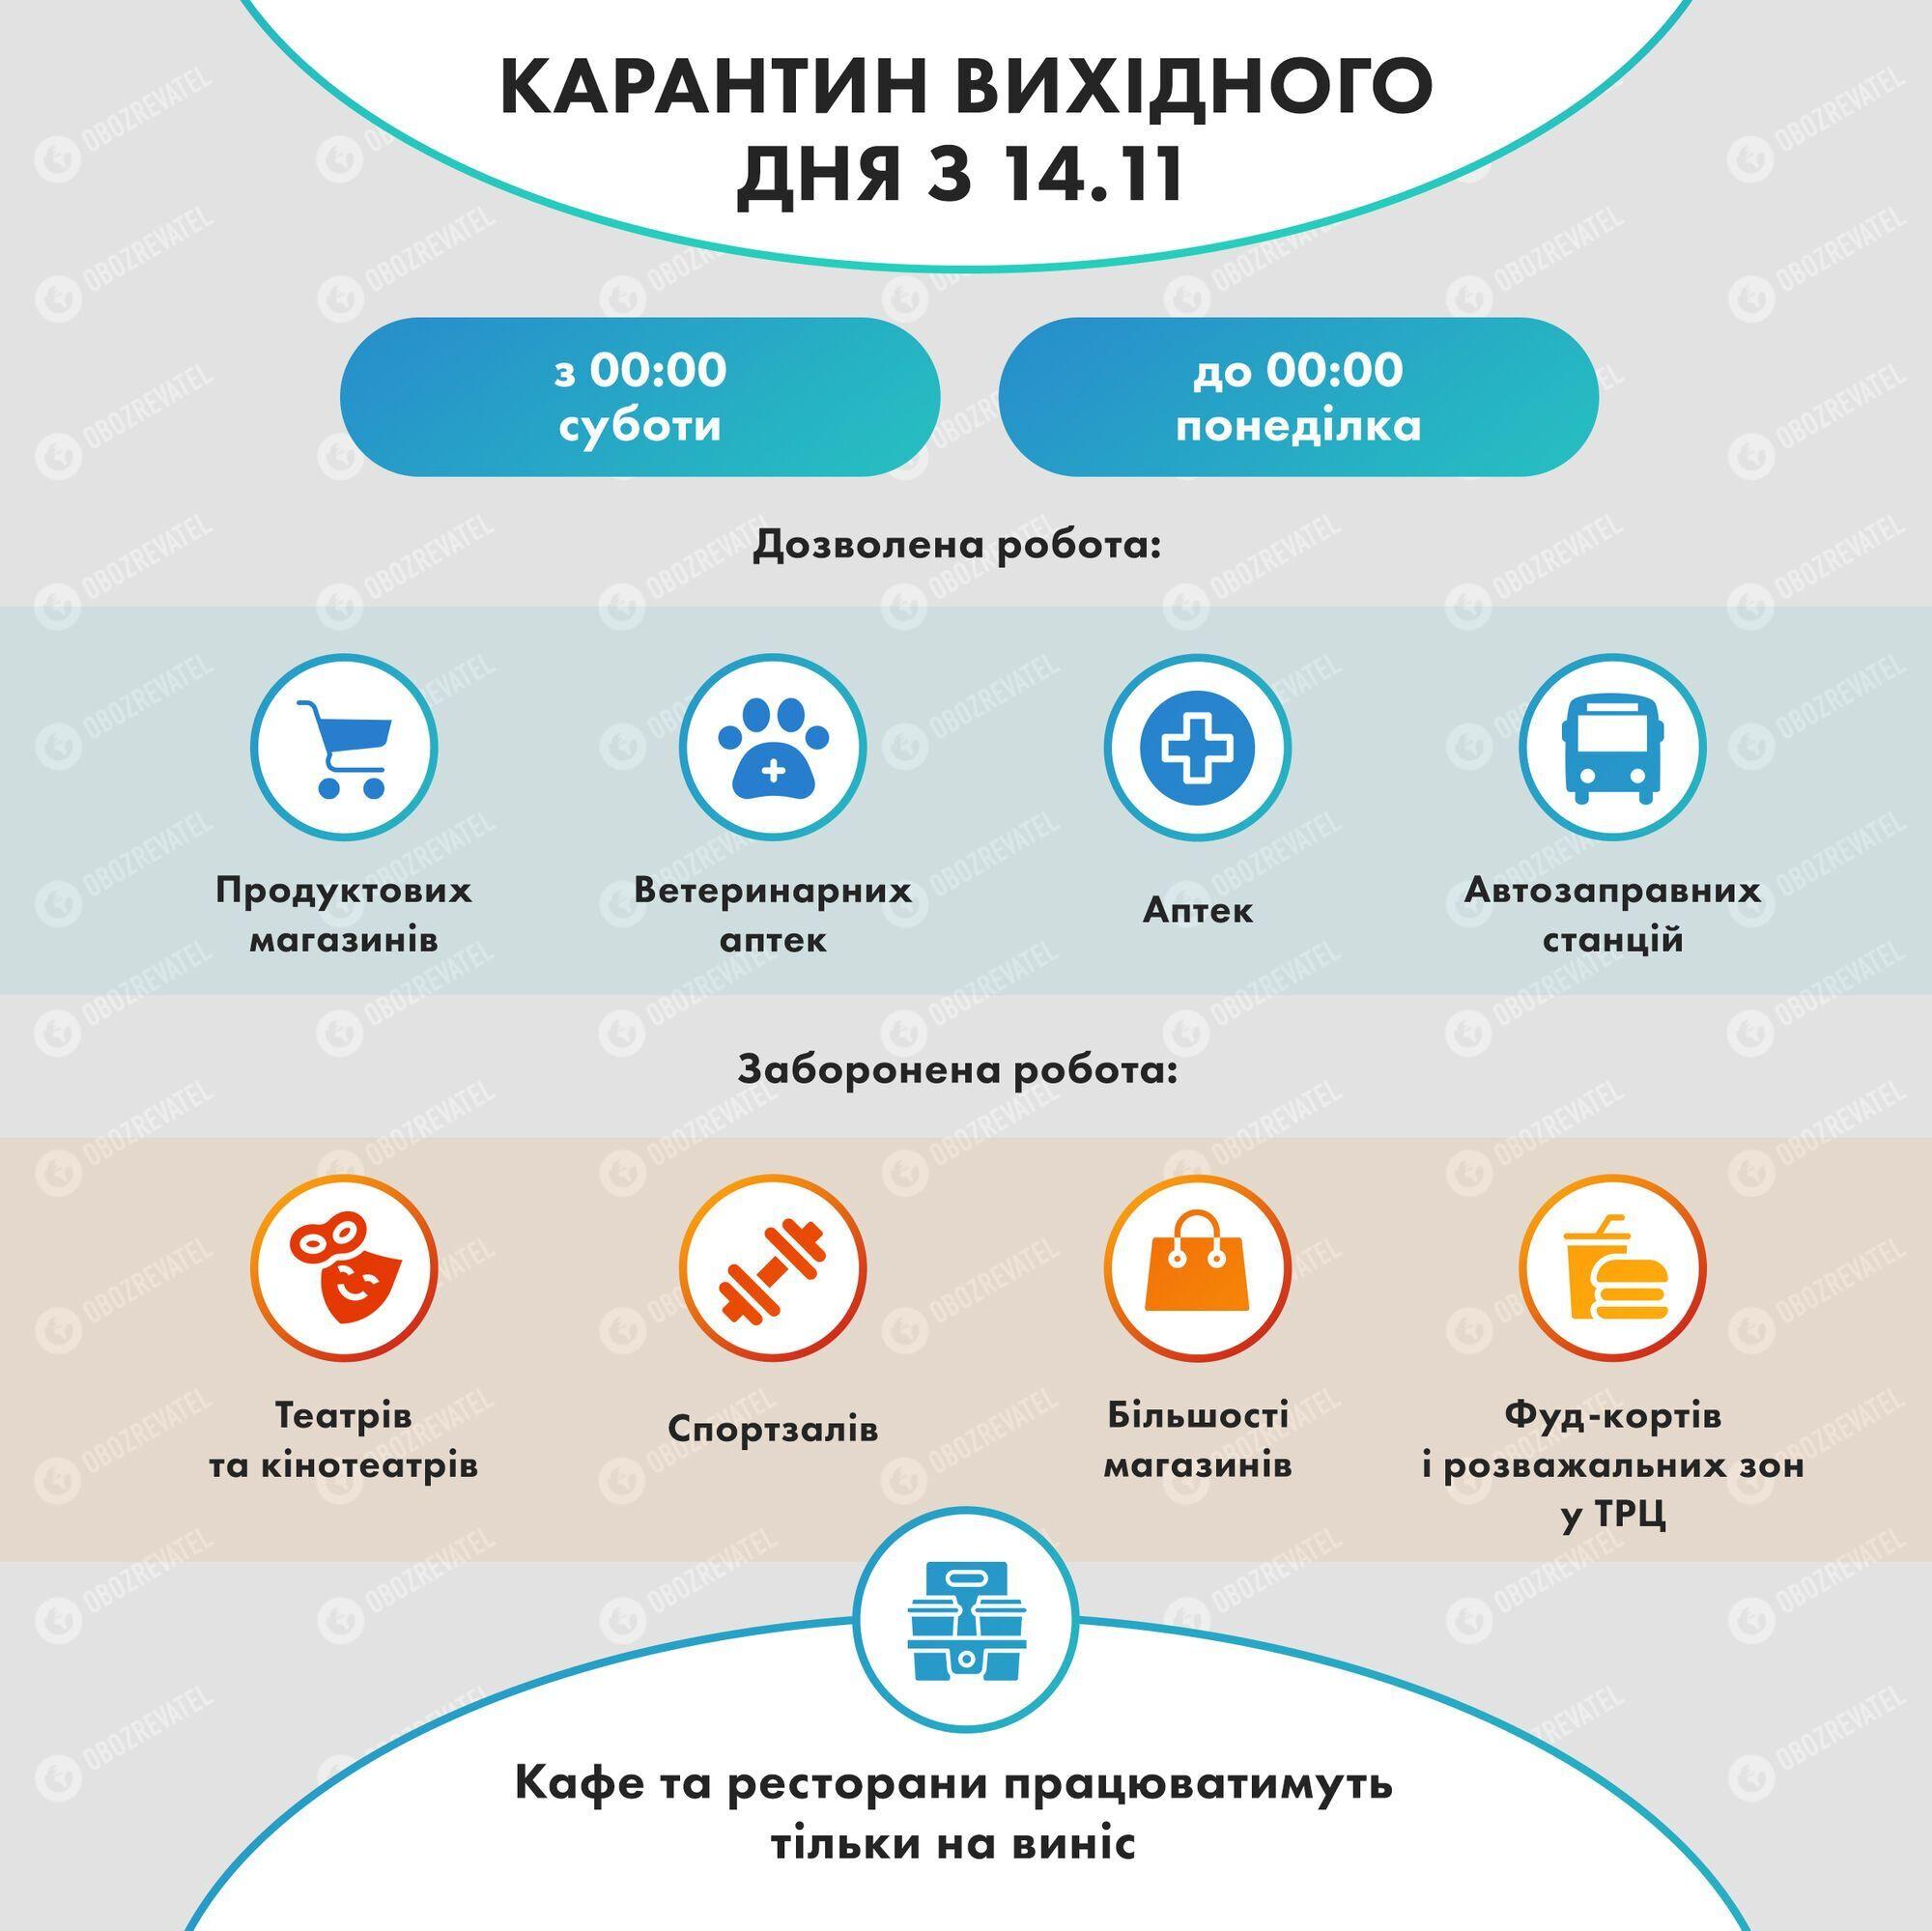 В Украине второй раз начался карантин выходного дня: перечень запретов и что разрешено